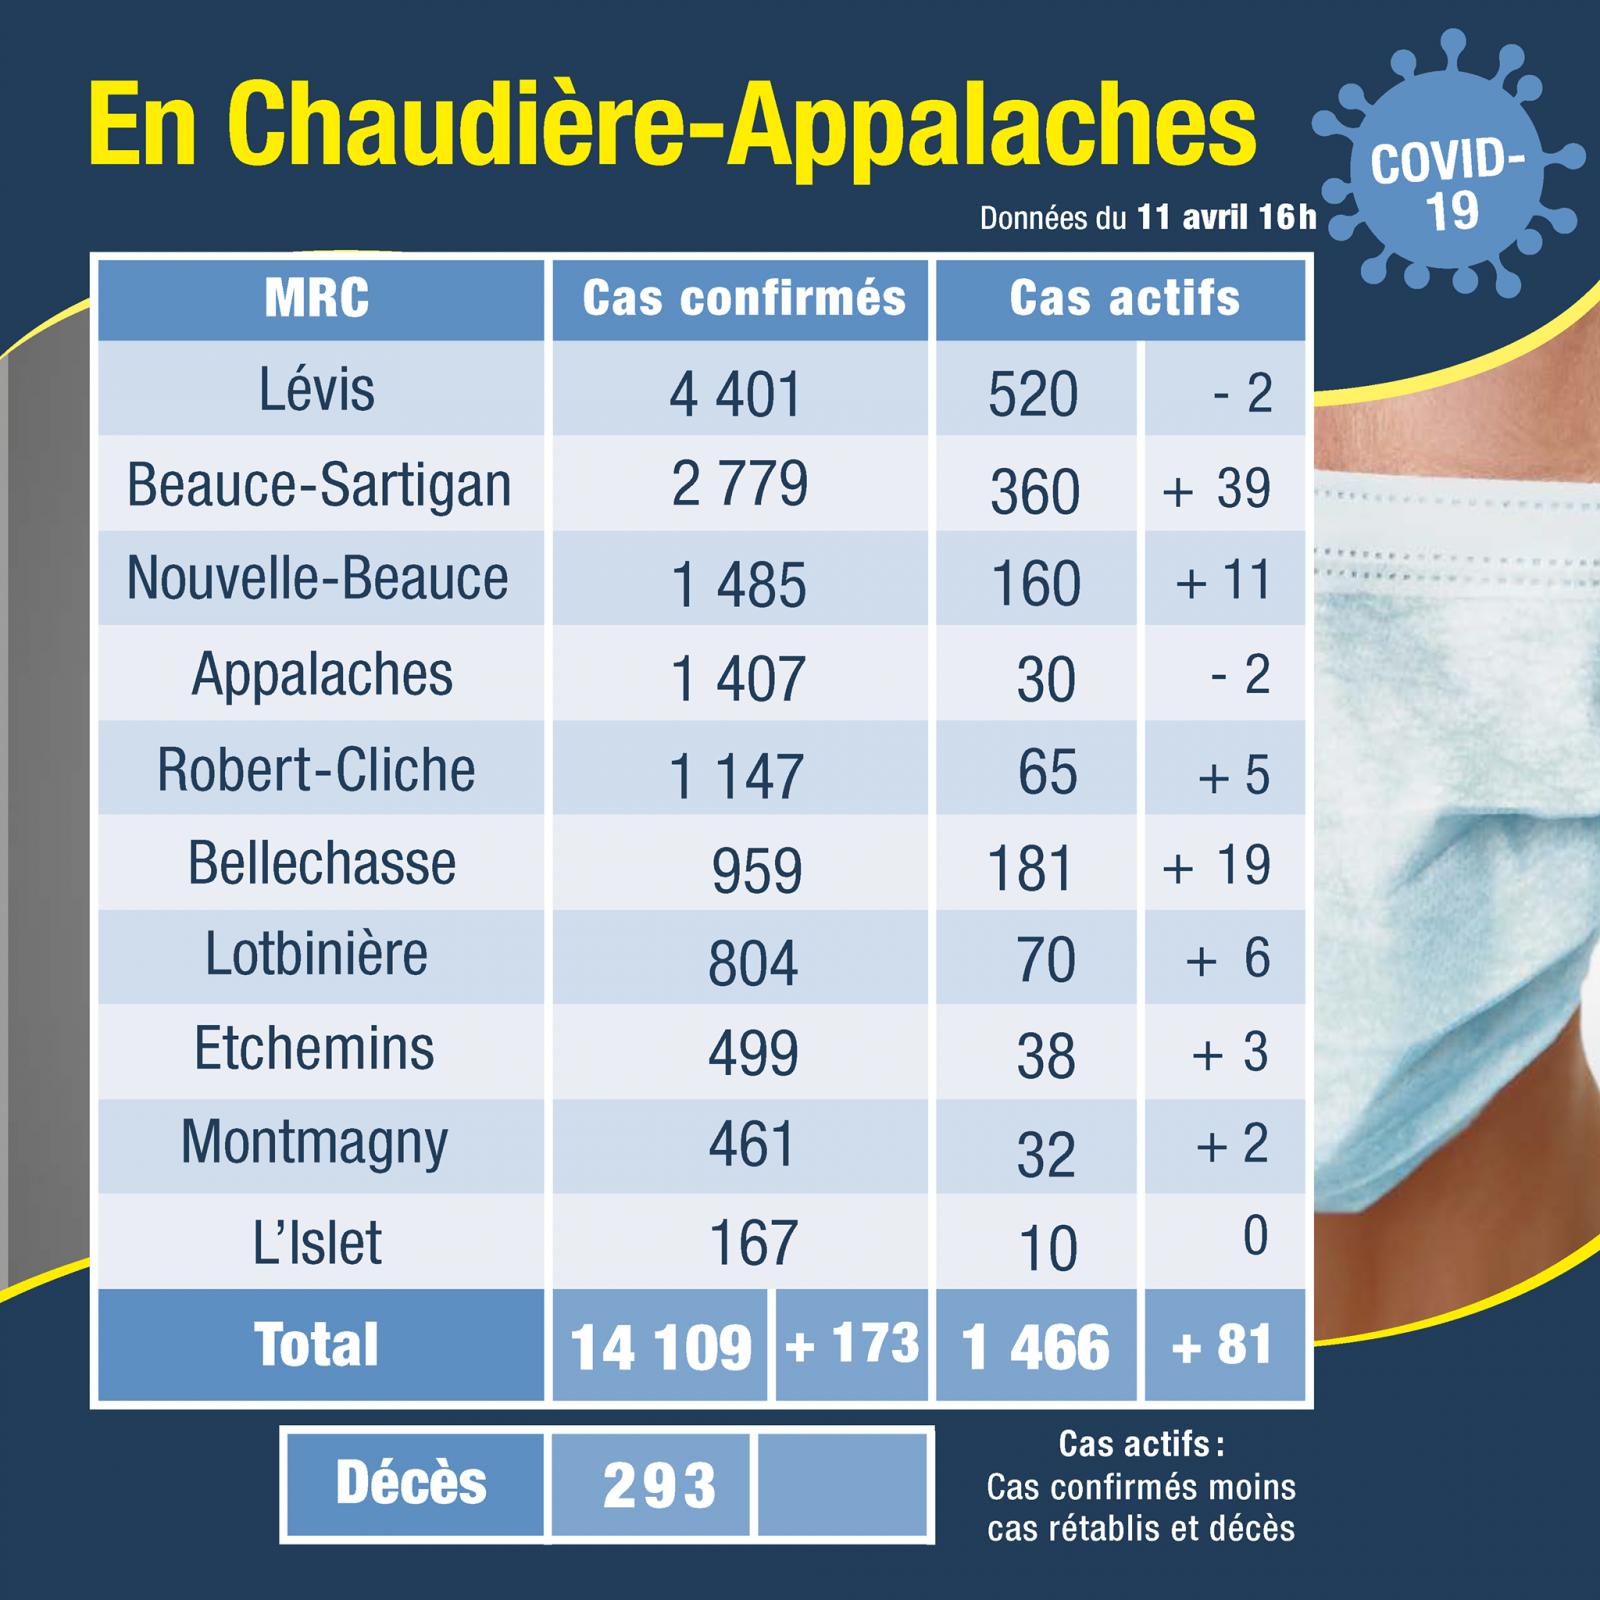 32 cas actifs dans la MRC de Montmagny